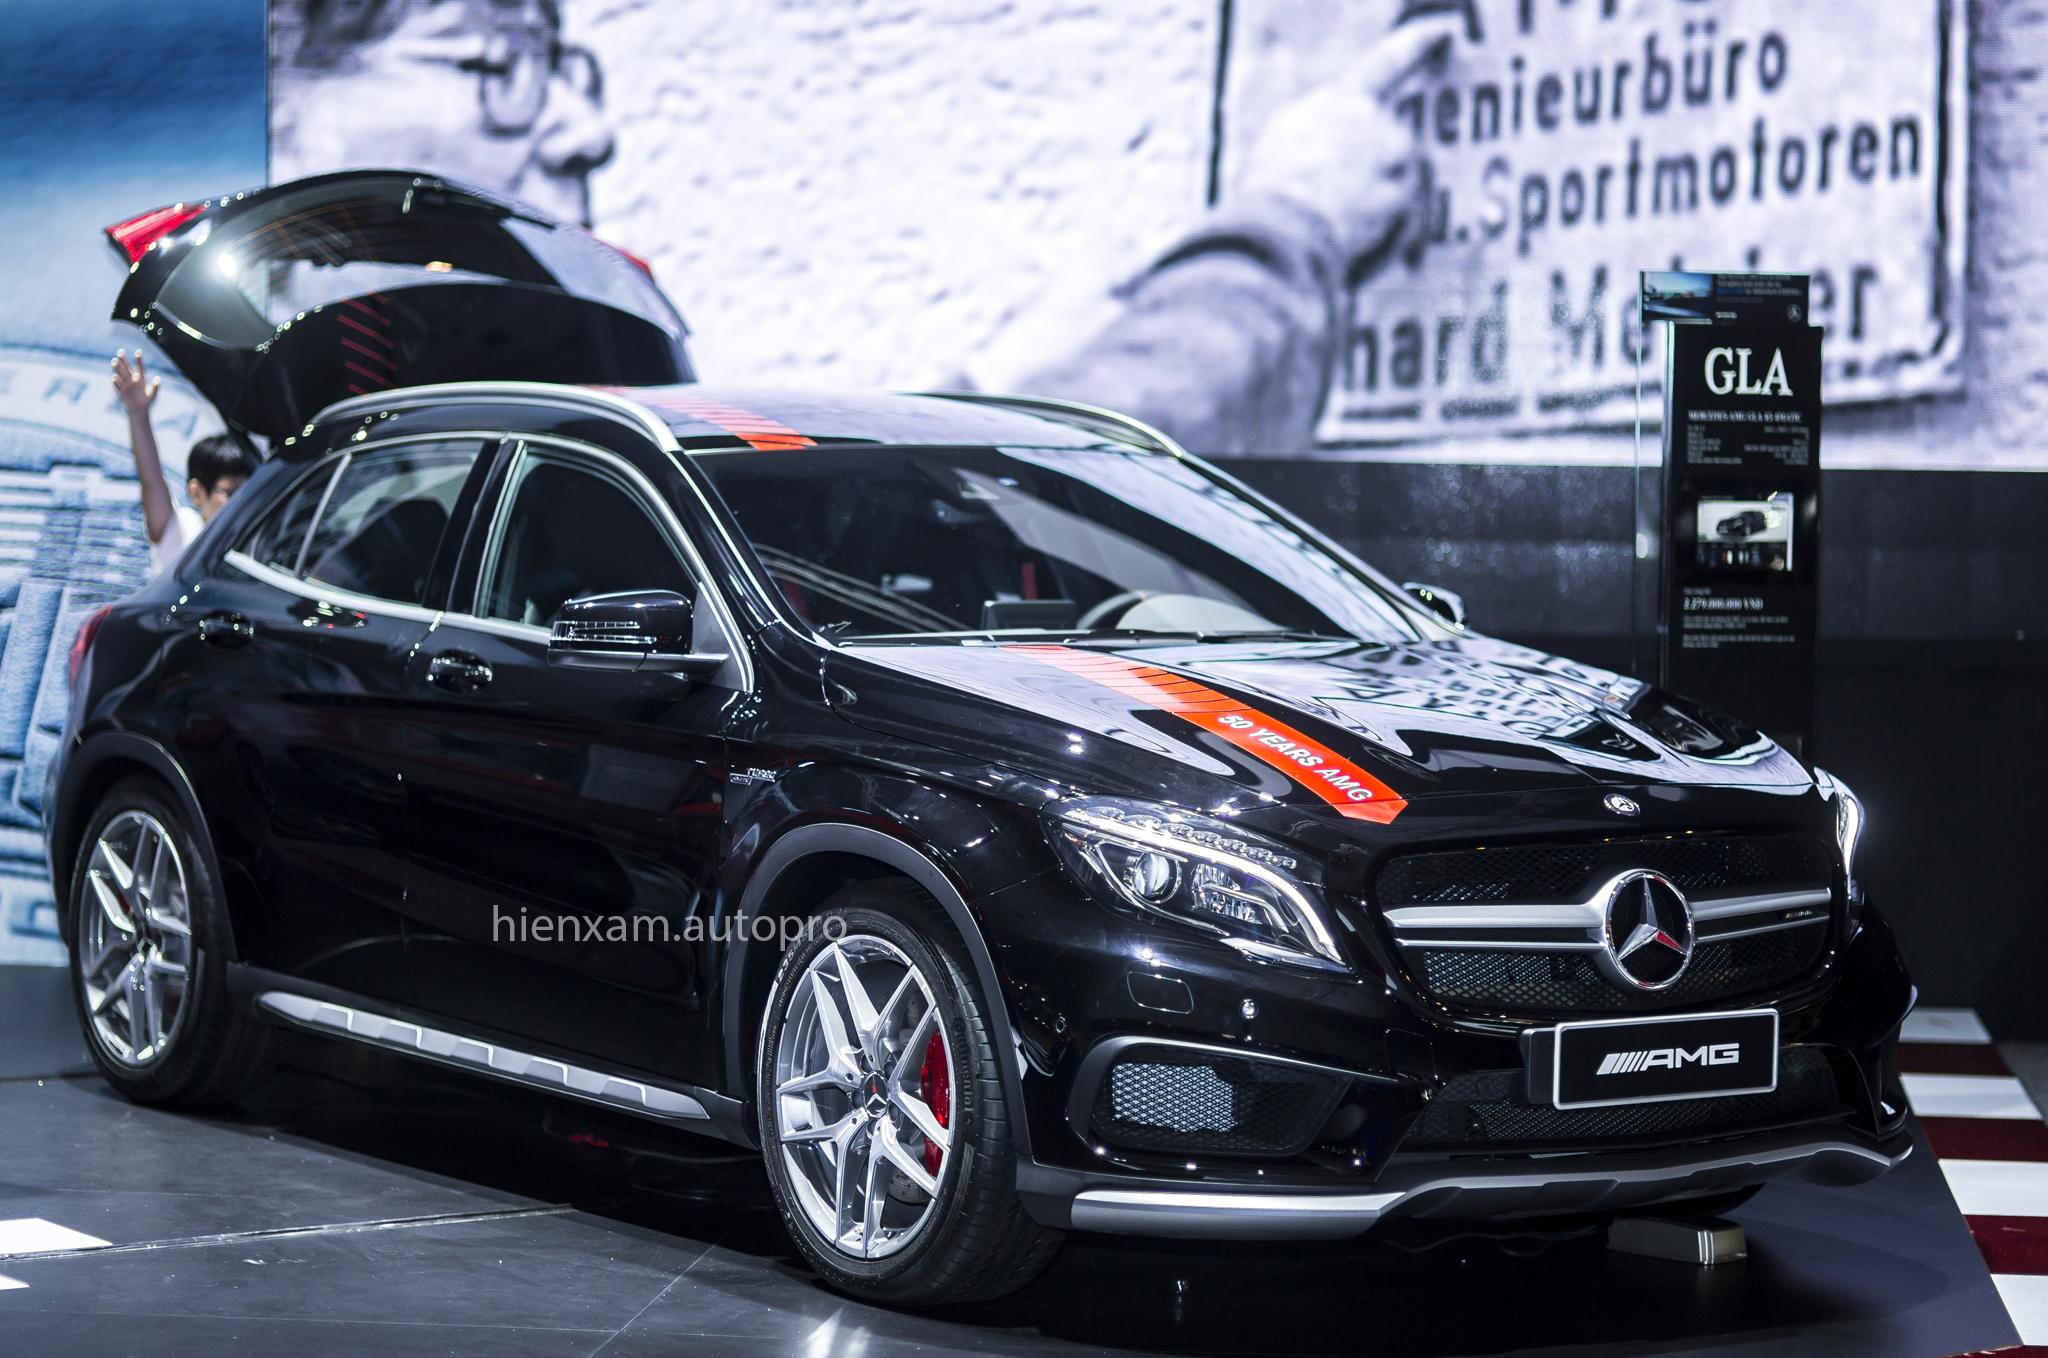 Cận cảnh Mercedes-Benz GLA 45 AMG giá 2,279 tỉ đồng - Ảnh 1.